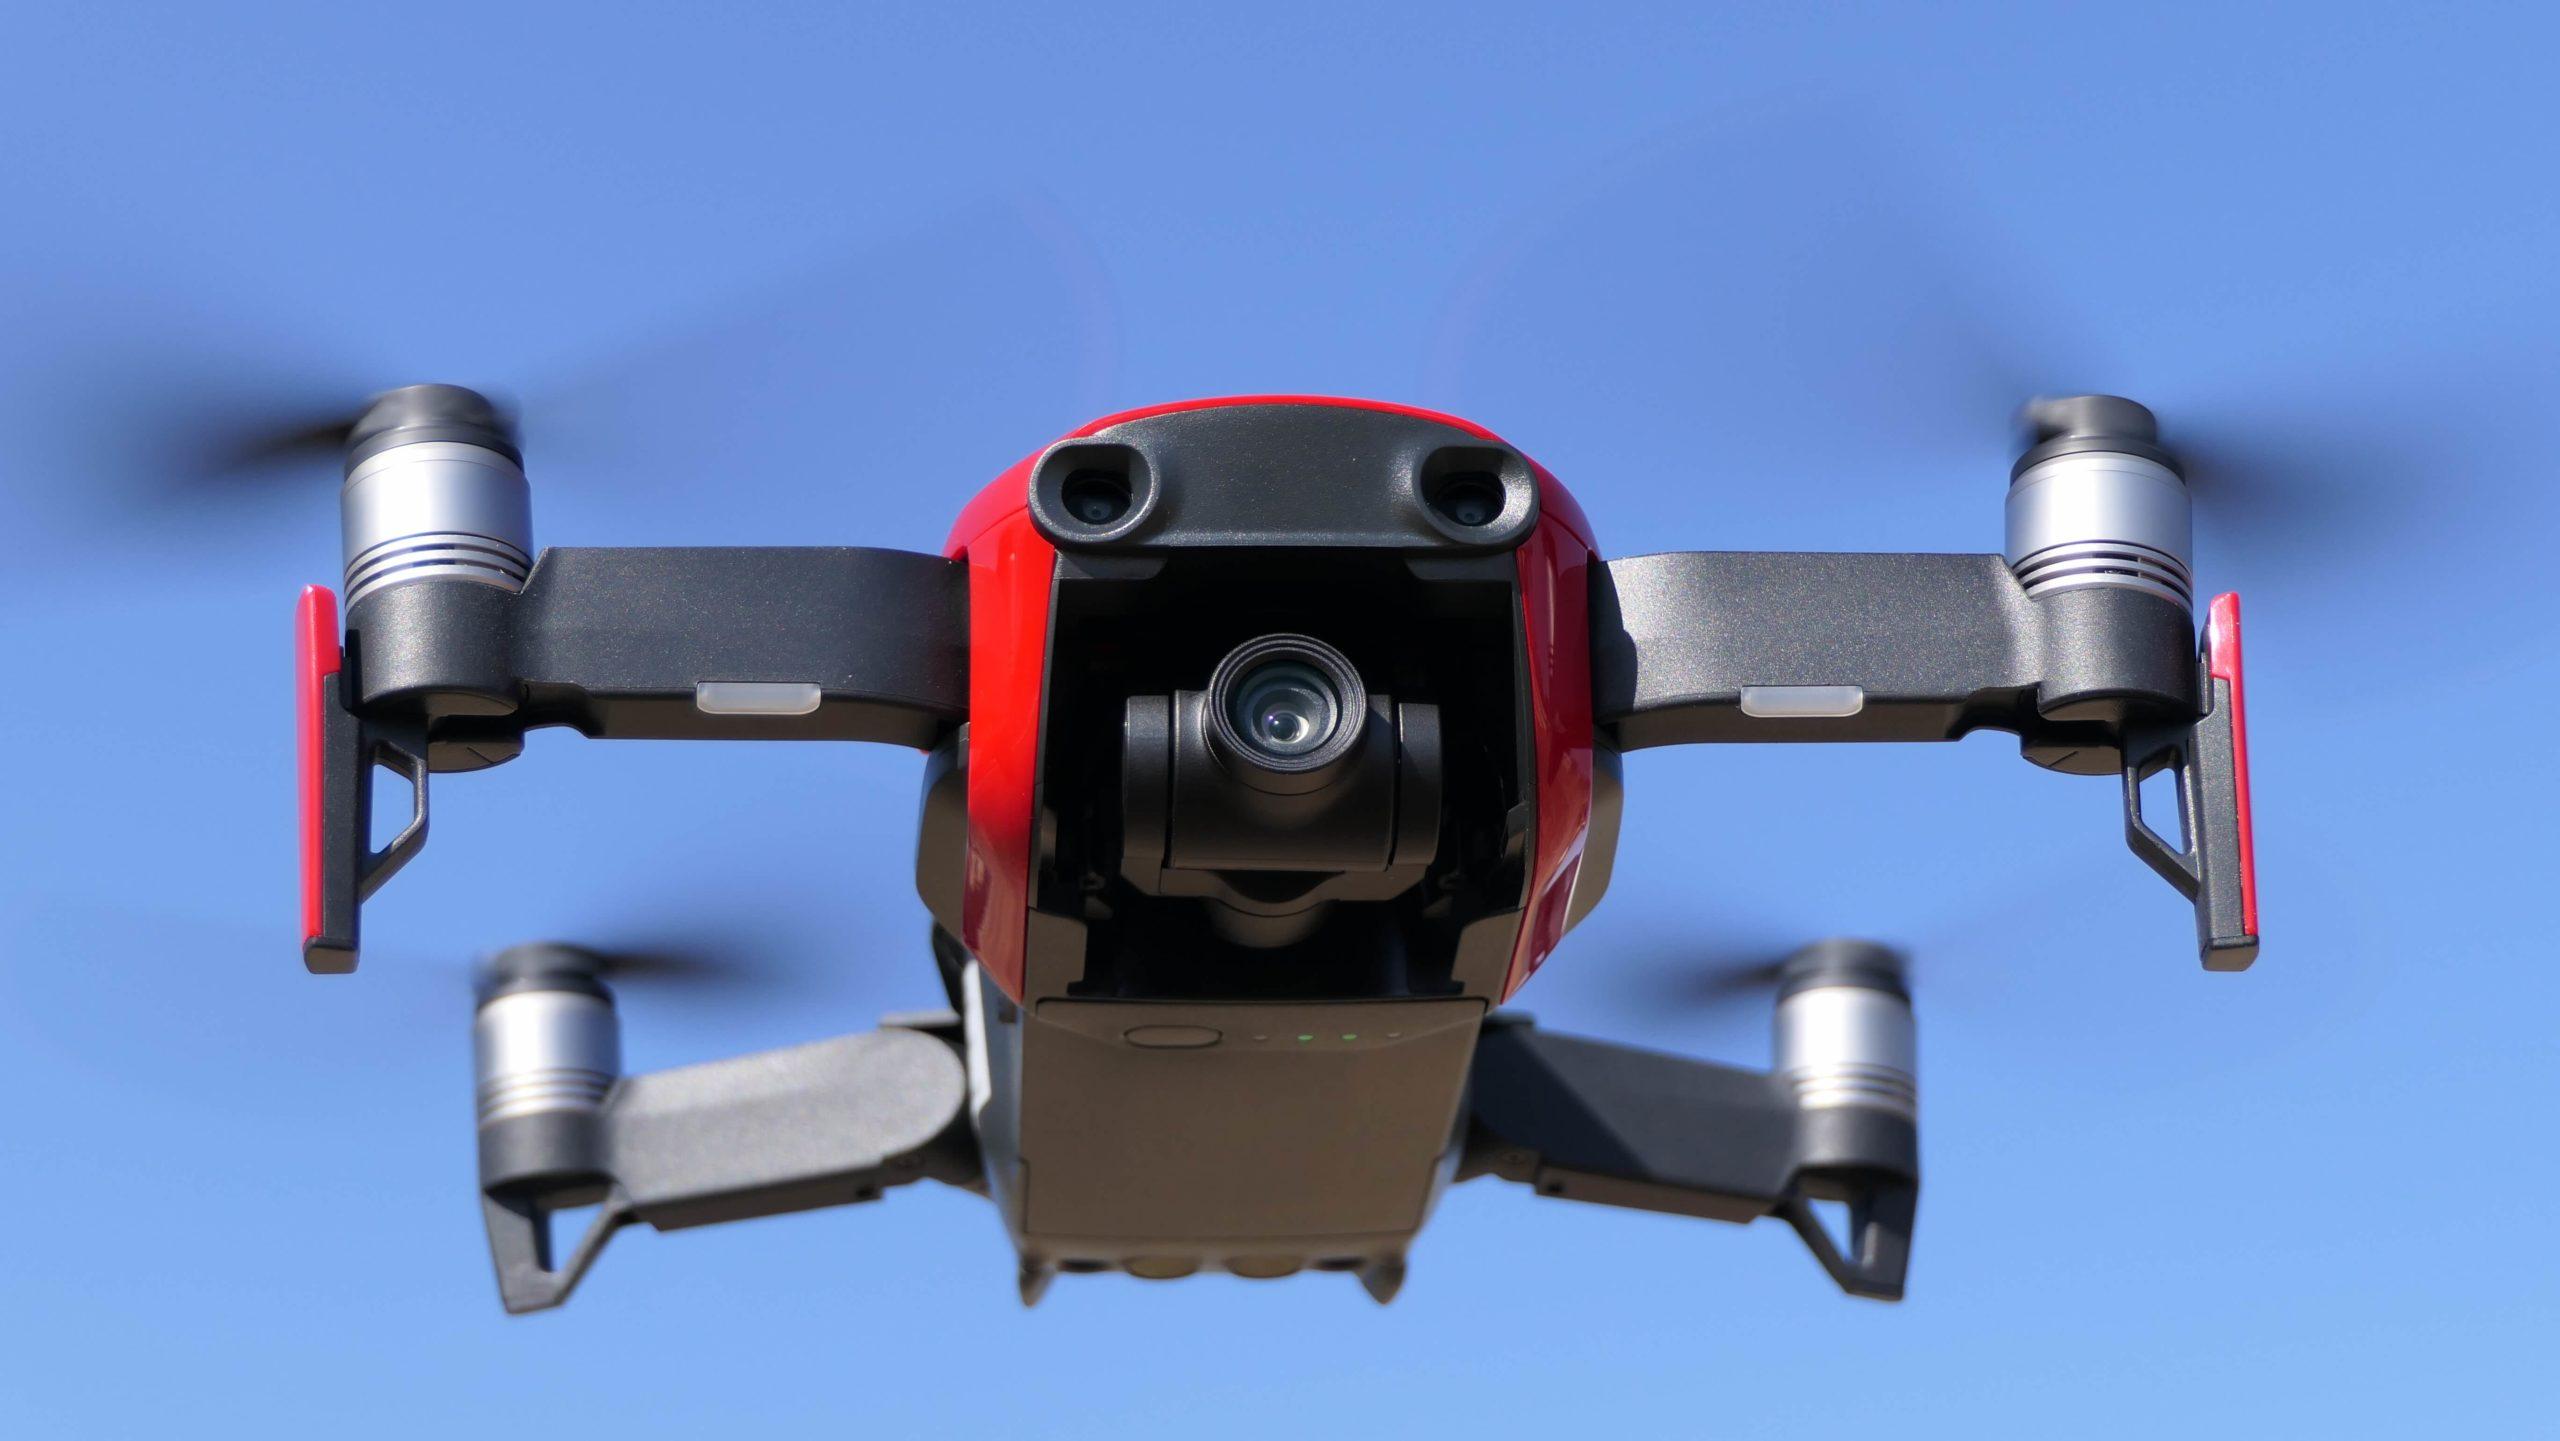 Meilleurs Drones DJI pour débutants (avec vidéo)